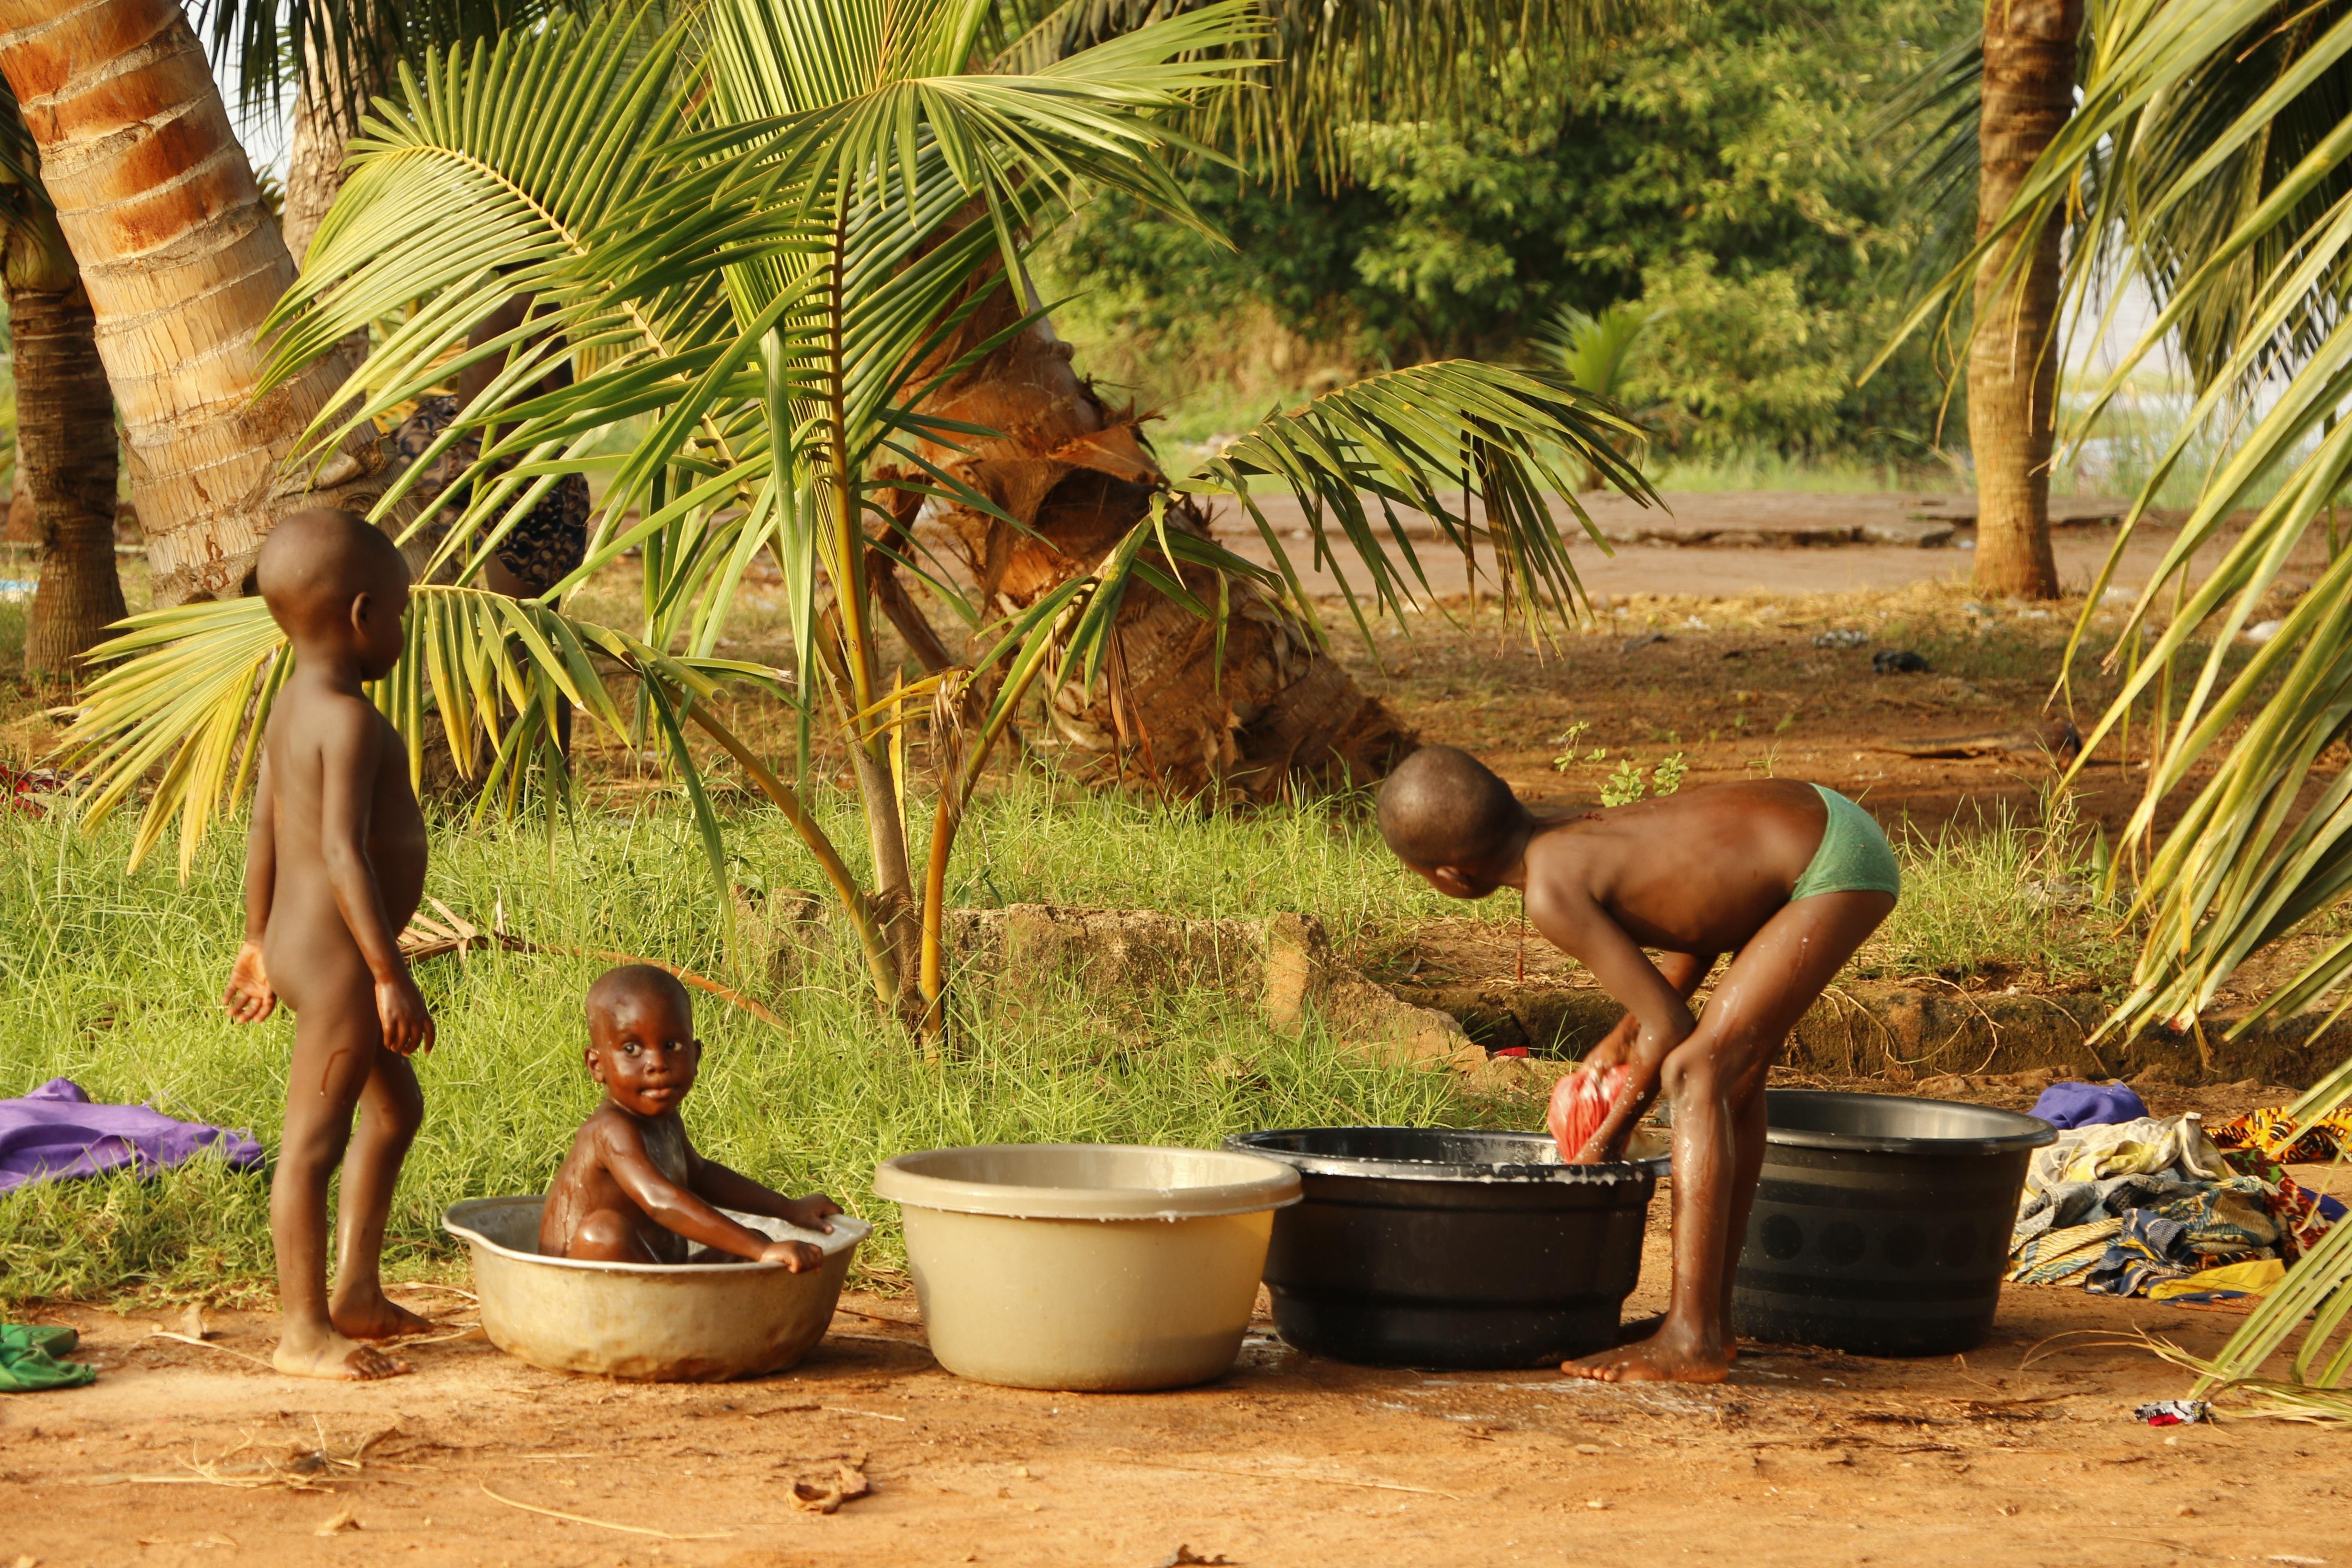 Gratis billeder tr natur plante dreng rejse jungle for Plante jungle